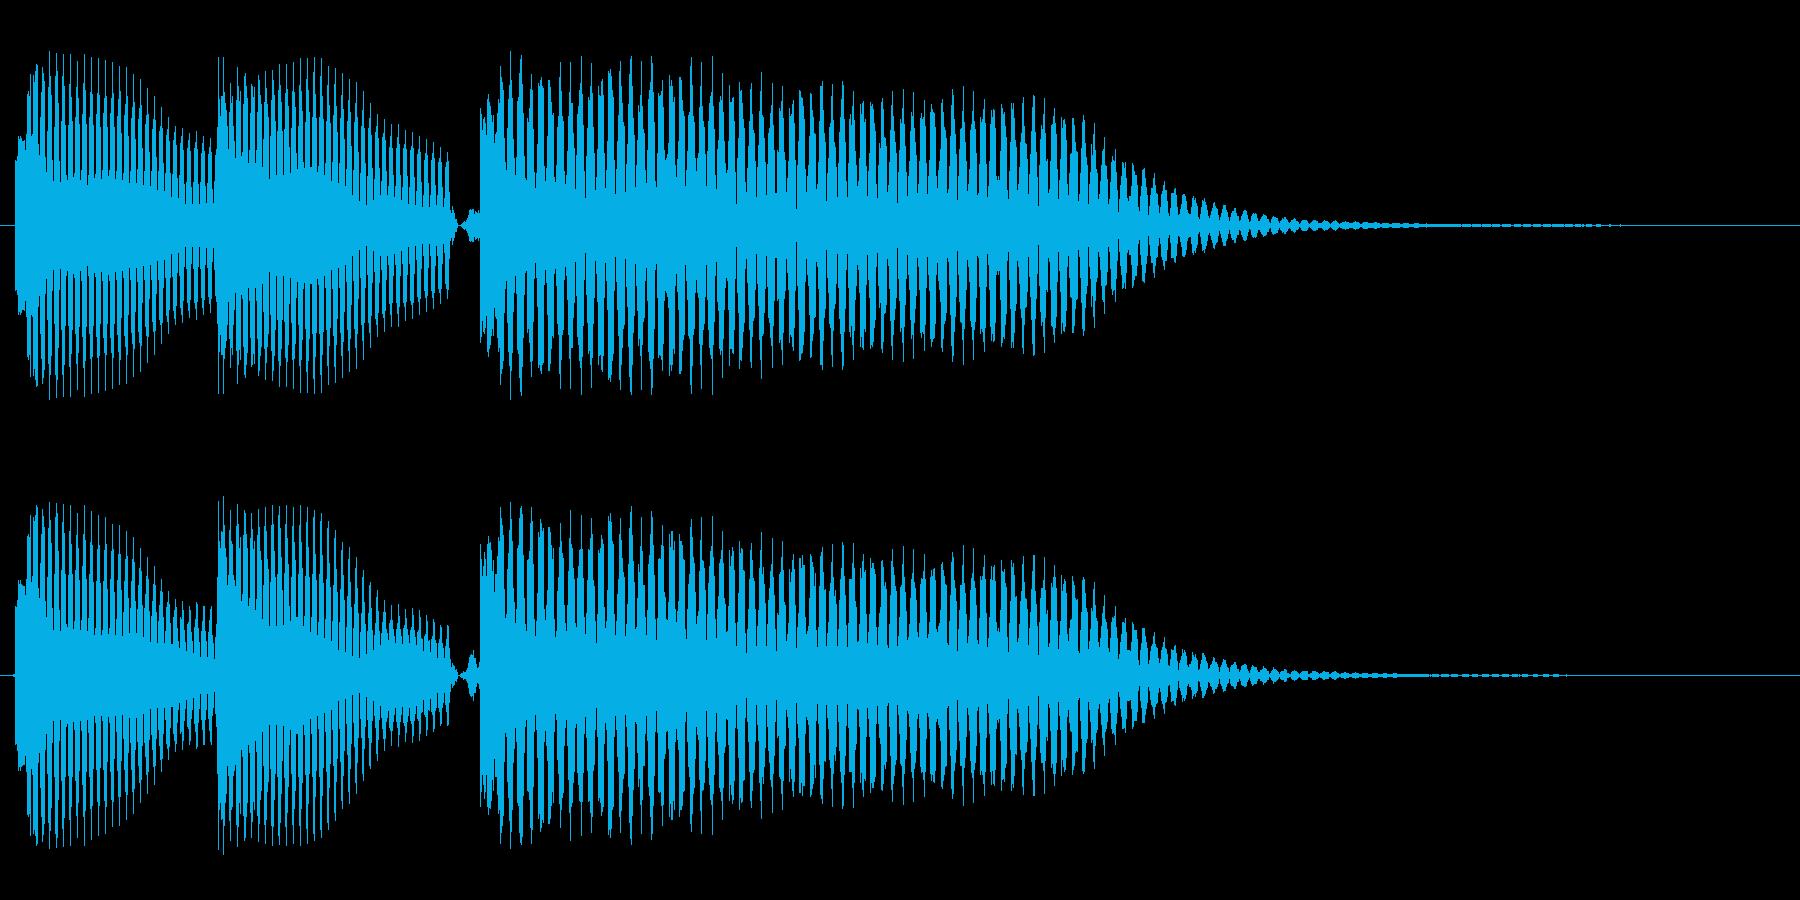 ピピポーン、という楽器のような効果音の再生済みの波形